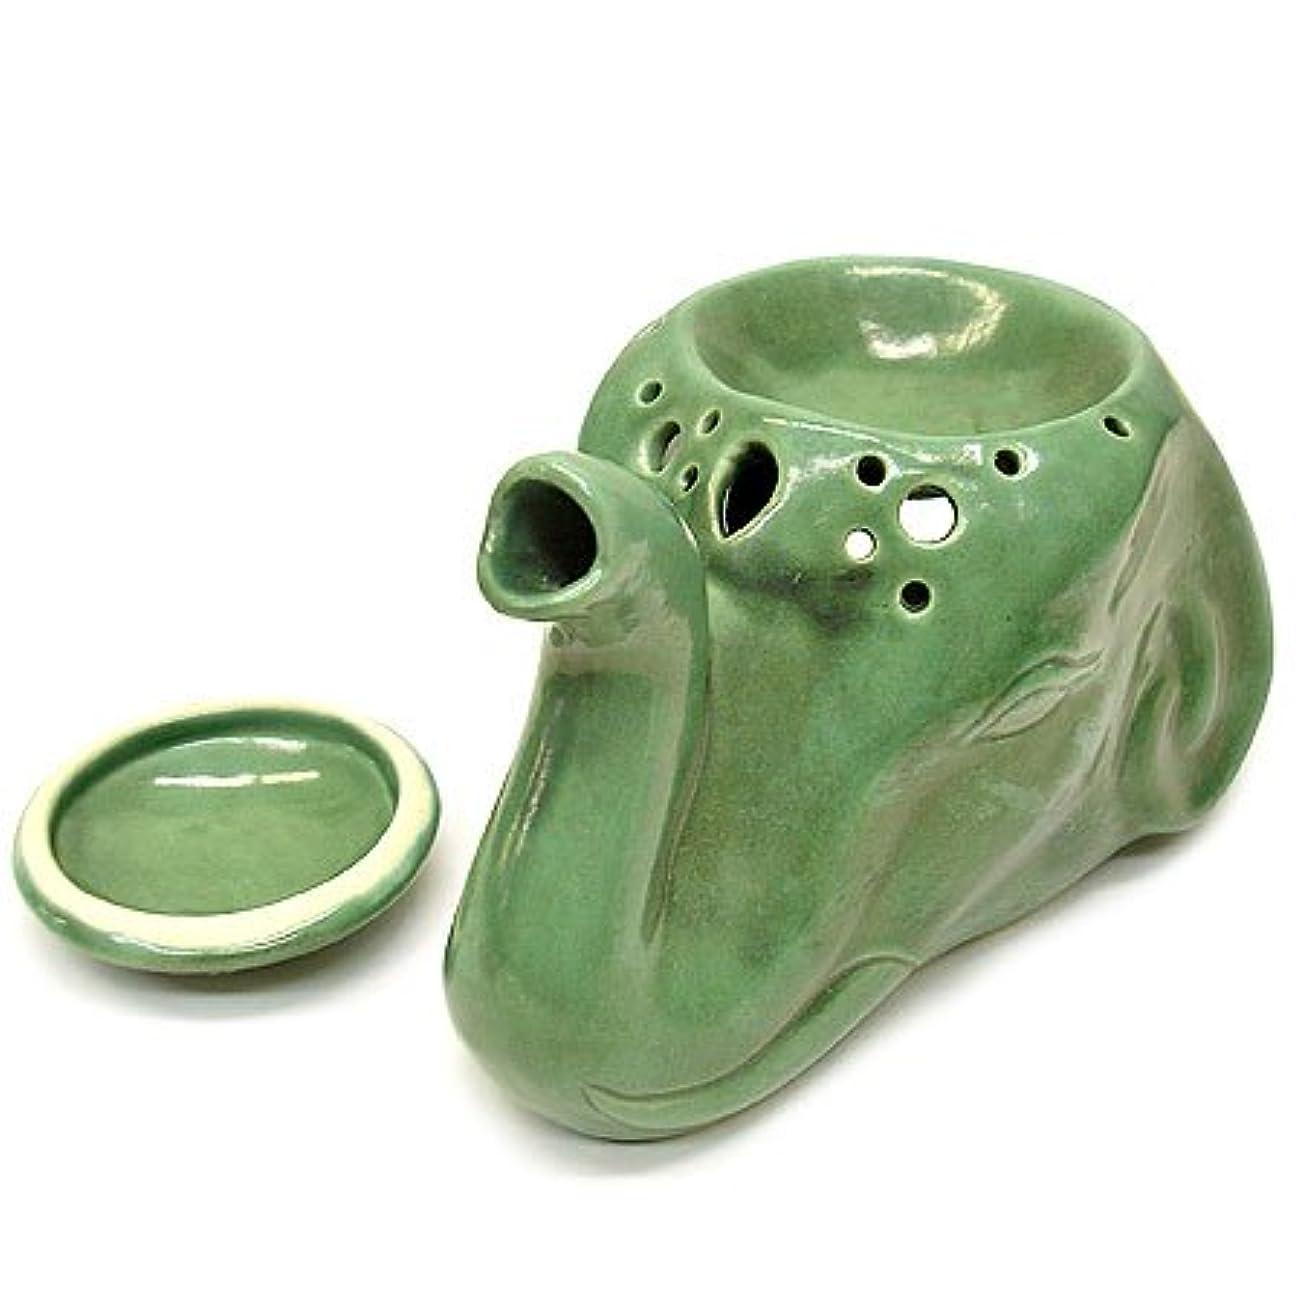 糸保安コピータバナン 象のアロマオイルバーナーセット 緑アジアン雑貨